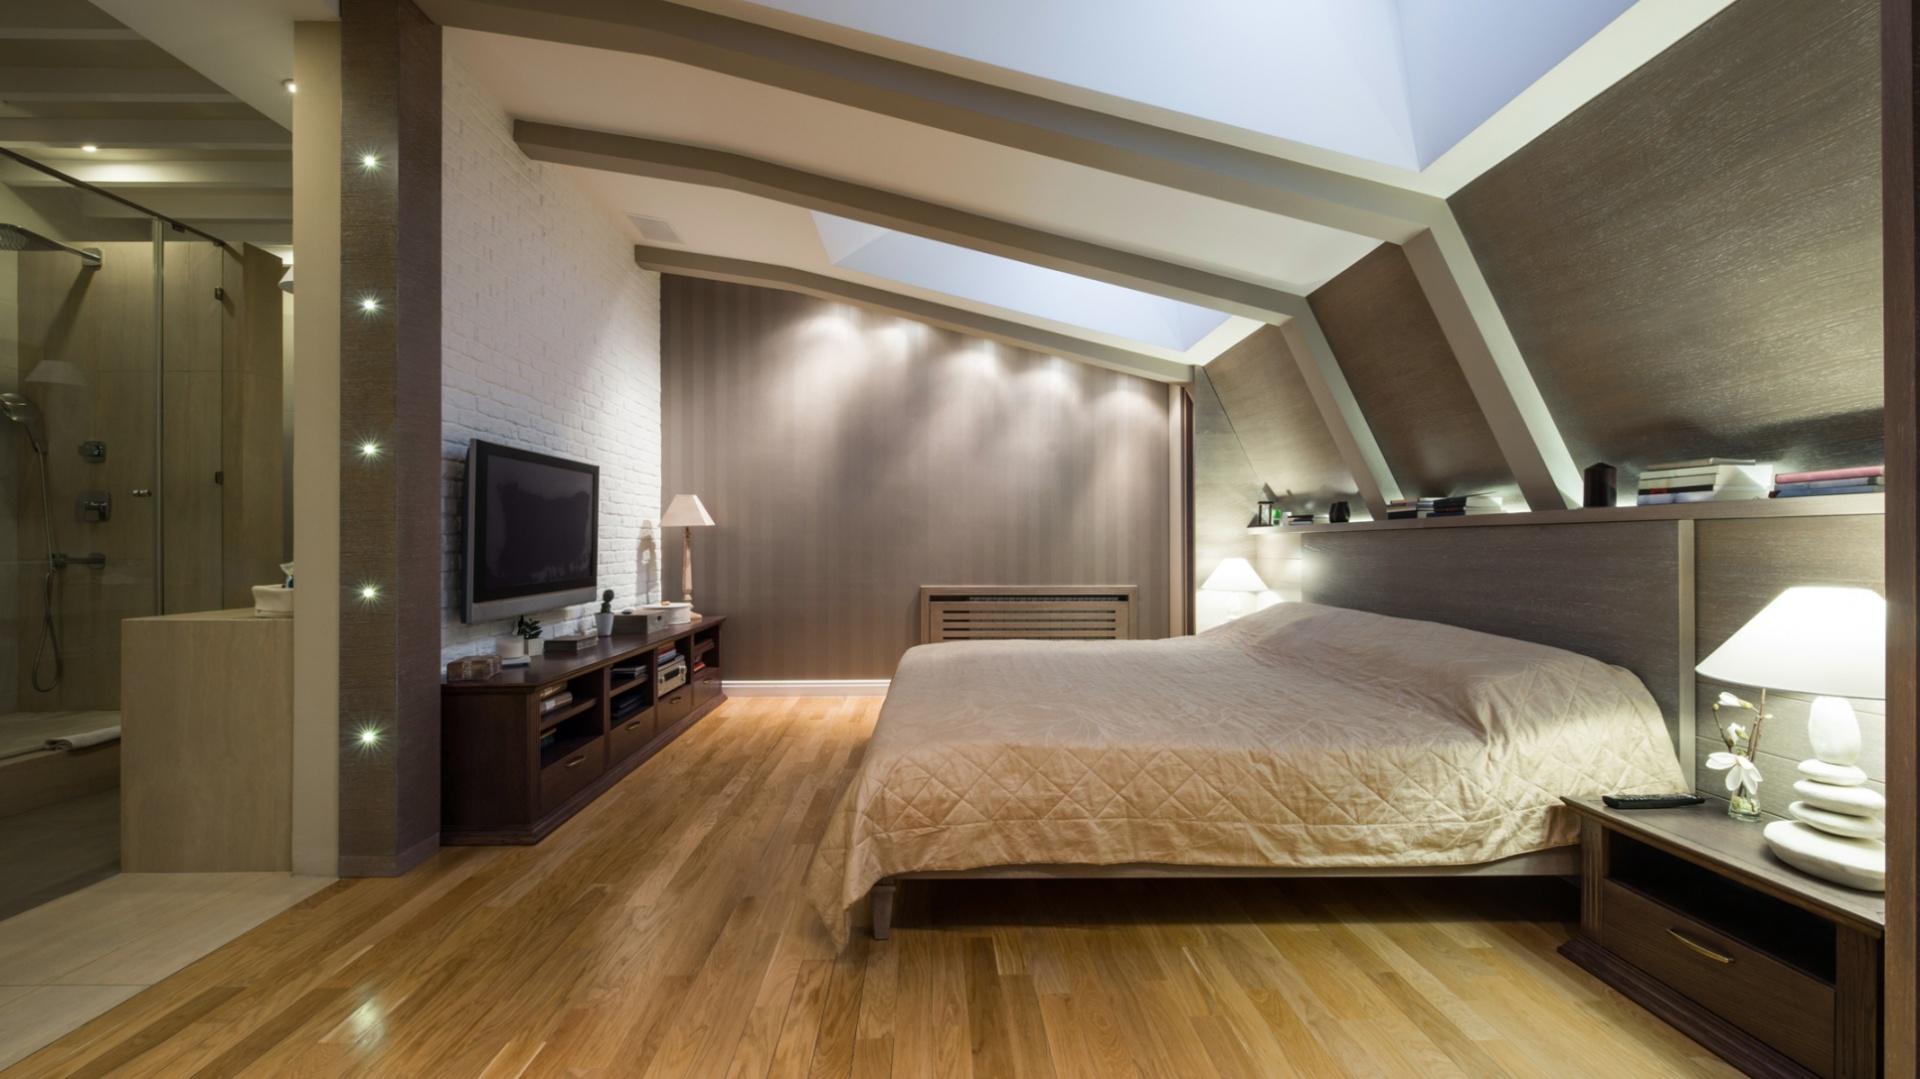 Urządzamy poddasze - postaw na urok drewnianej podłogi: Proparkiet dąb Rustical. Fot. Kaczkan